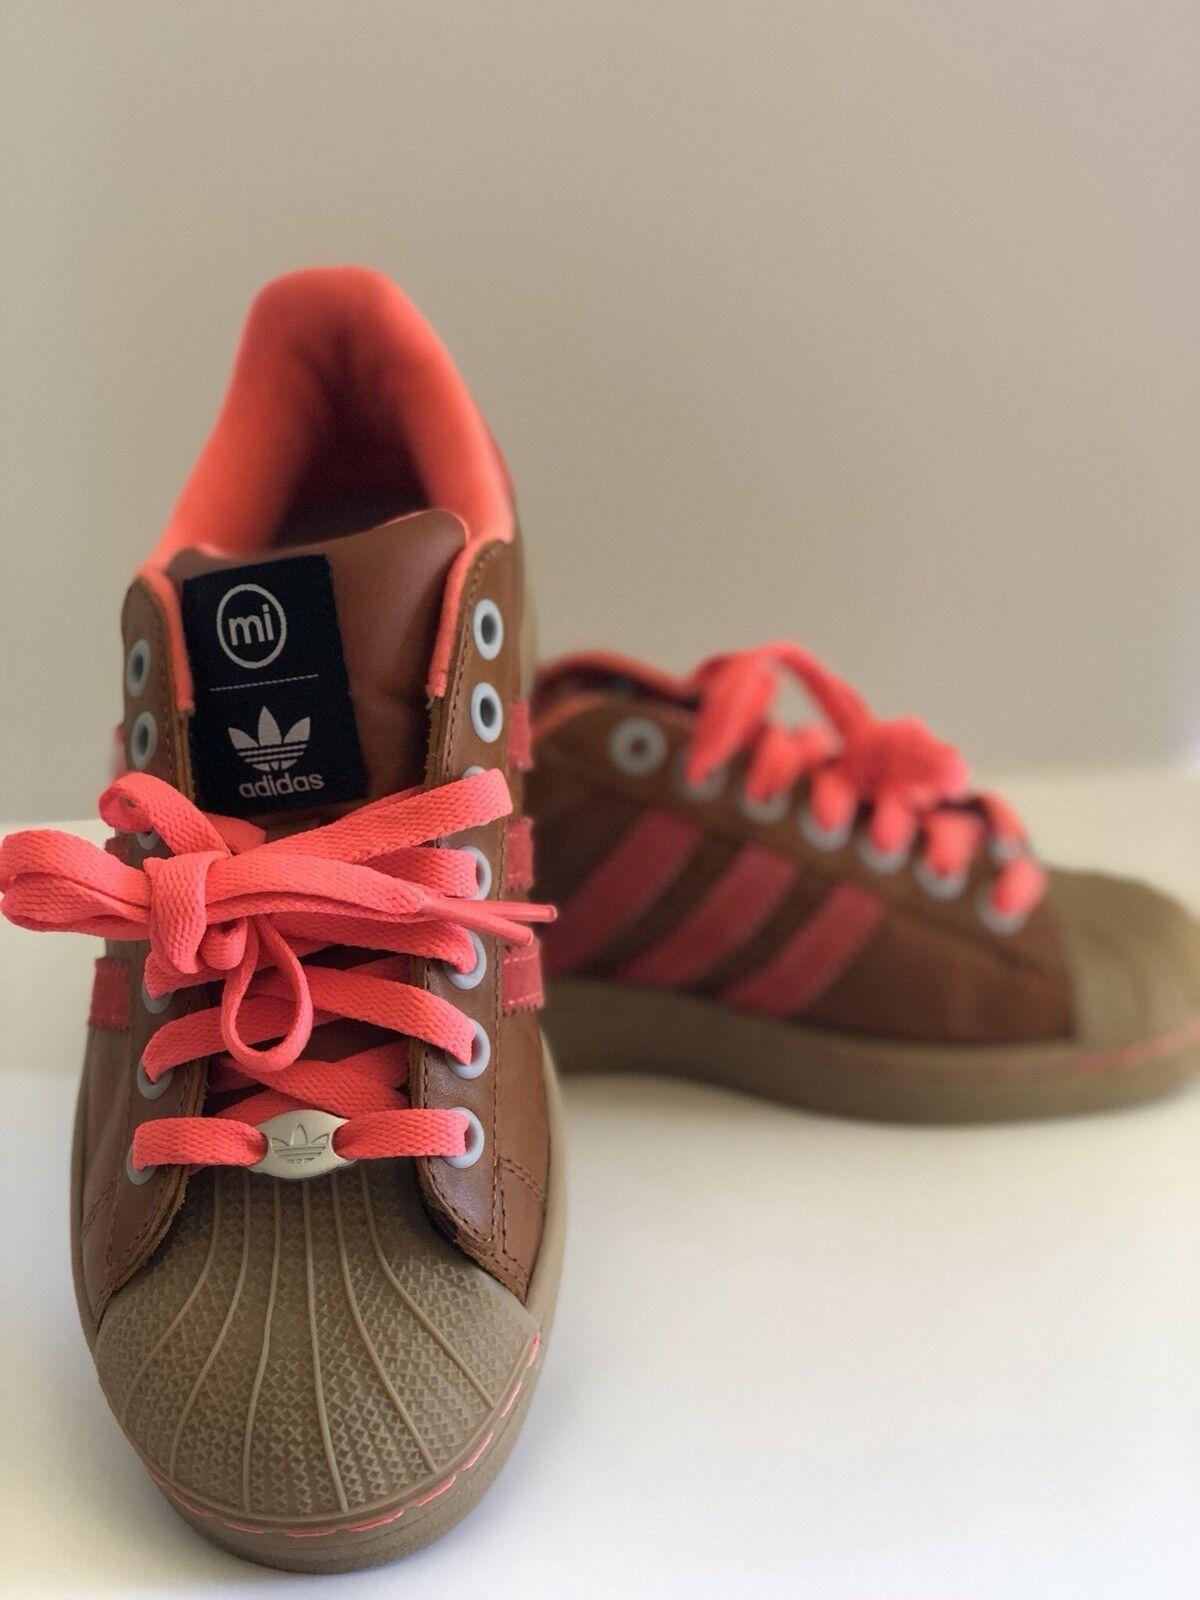 maßgeschneiderte adidas superstar größe neon 5,5 bei männern brown neon größe selten 97410c